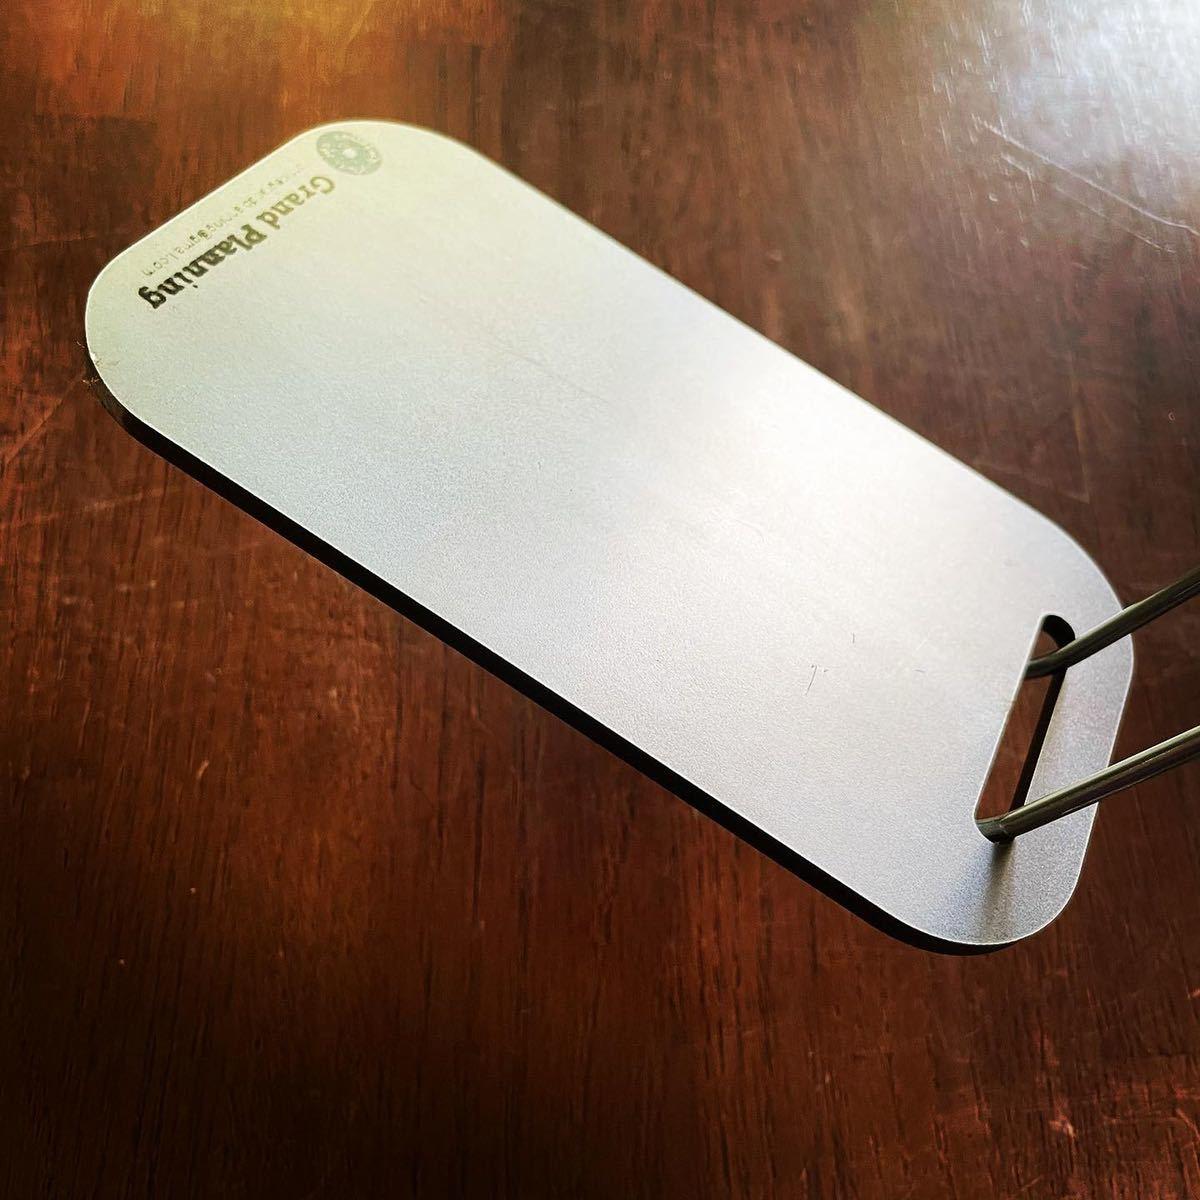 トランギア メスティン スモール 収納 6ミリ 鉄板 オリジナル取手金具 トング ヘラ ベルトループ収納袋ブラウン 大和鉄板